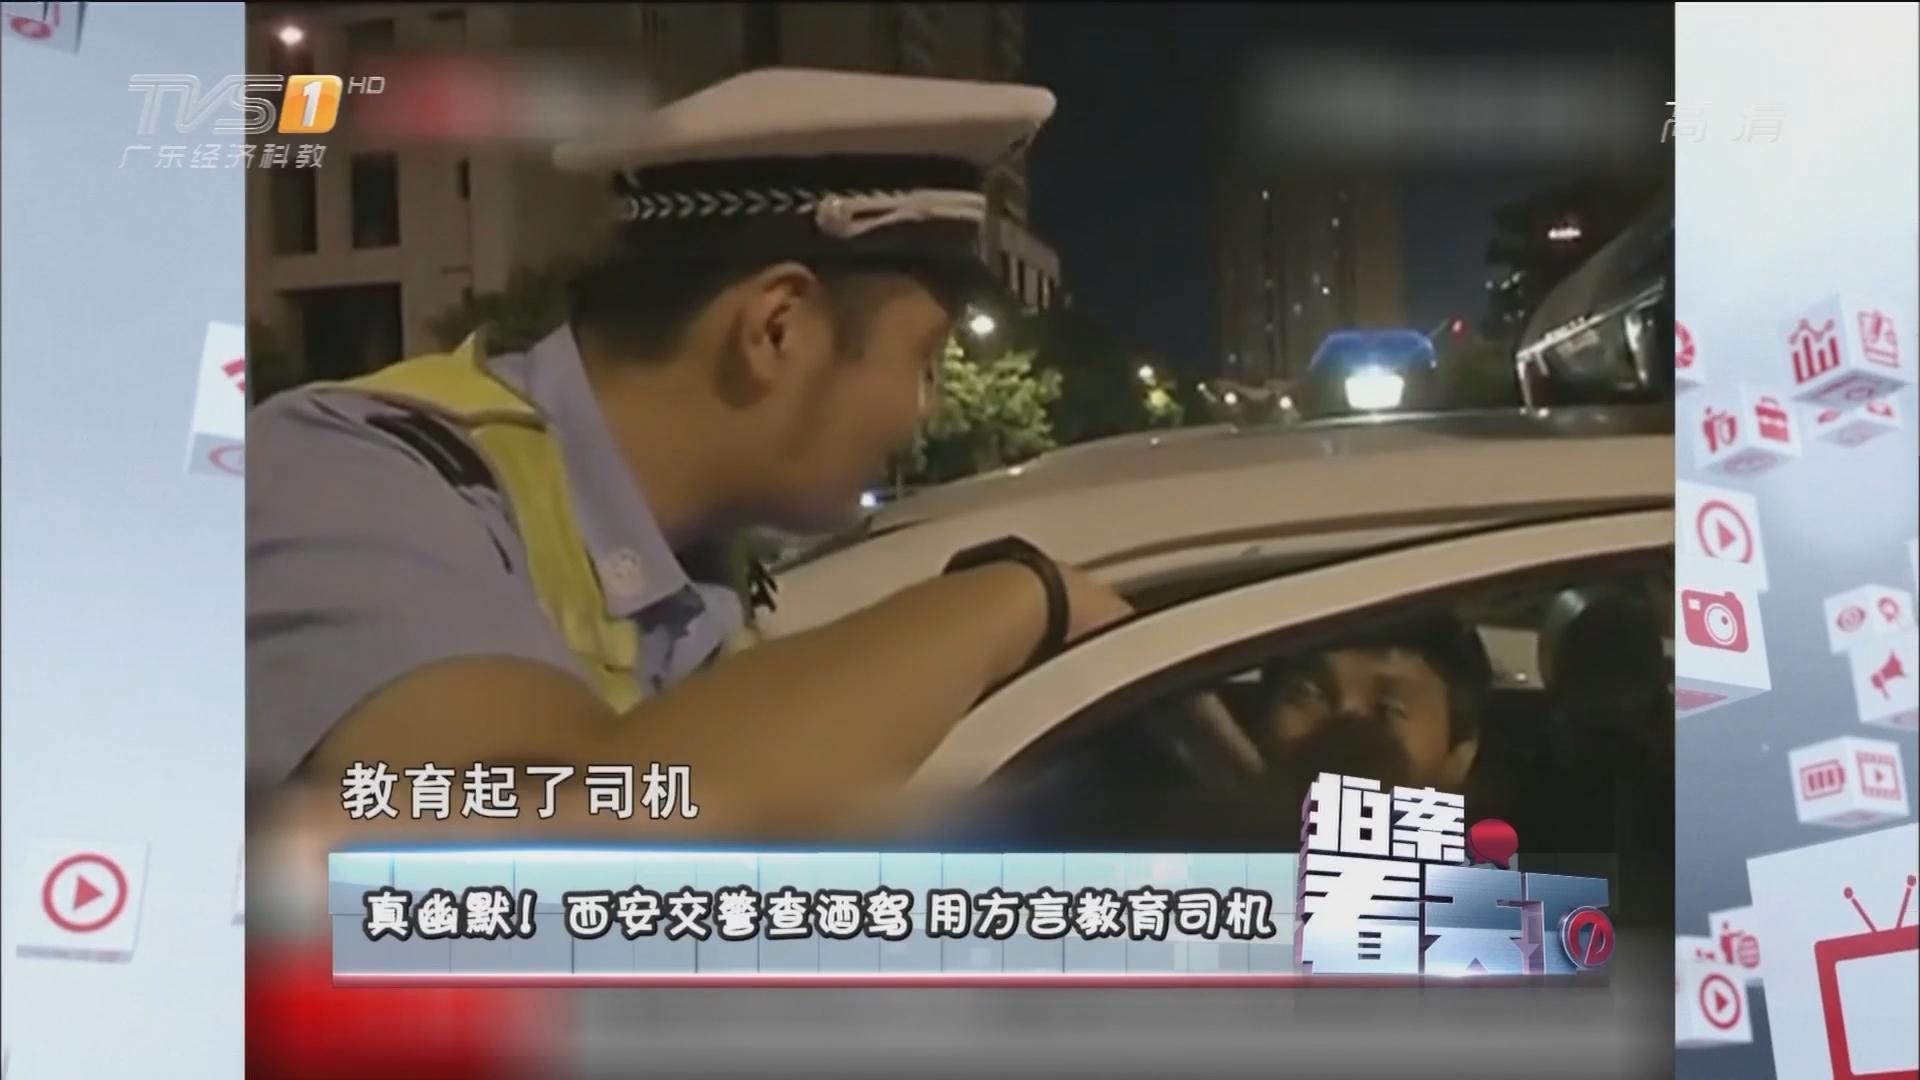 真幽默!西安交警查酒驾 用方言教育司机